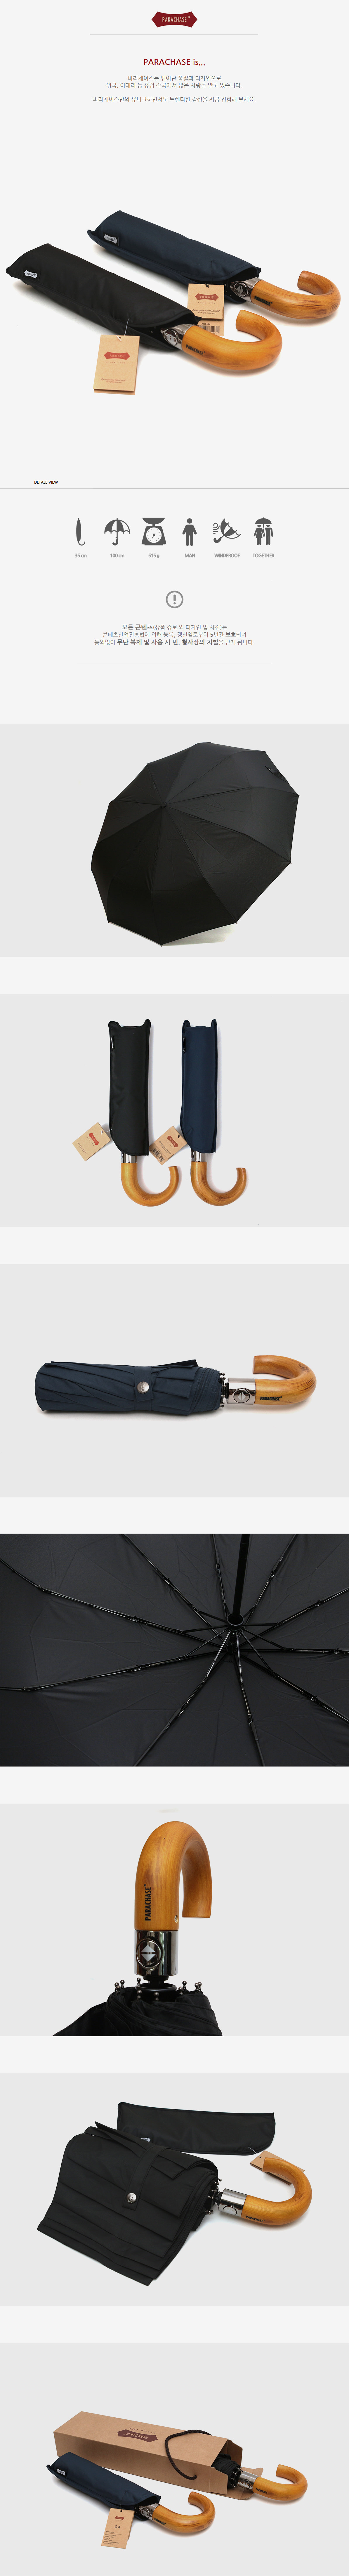 파라체이스(PARACHASE) 3105 라이트 우드 라운드 그립 자동 3단 우산